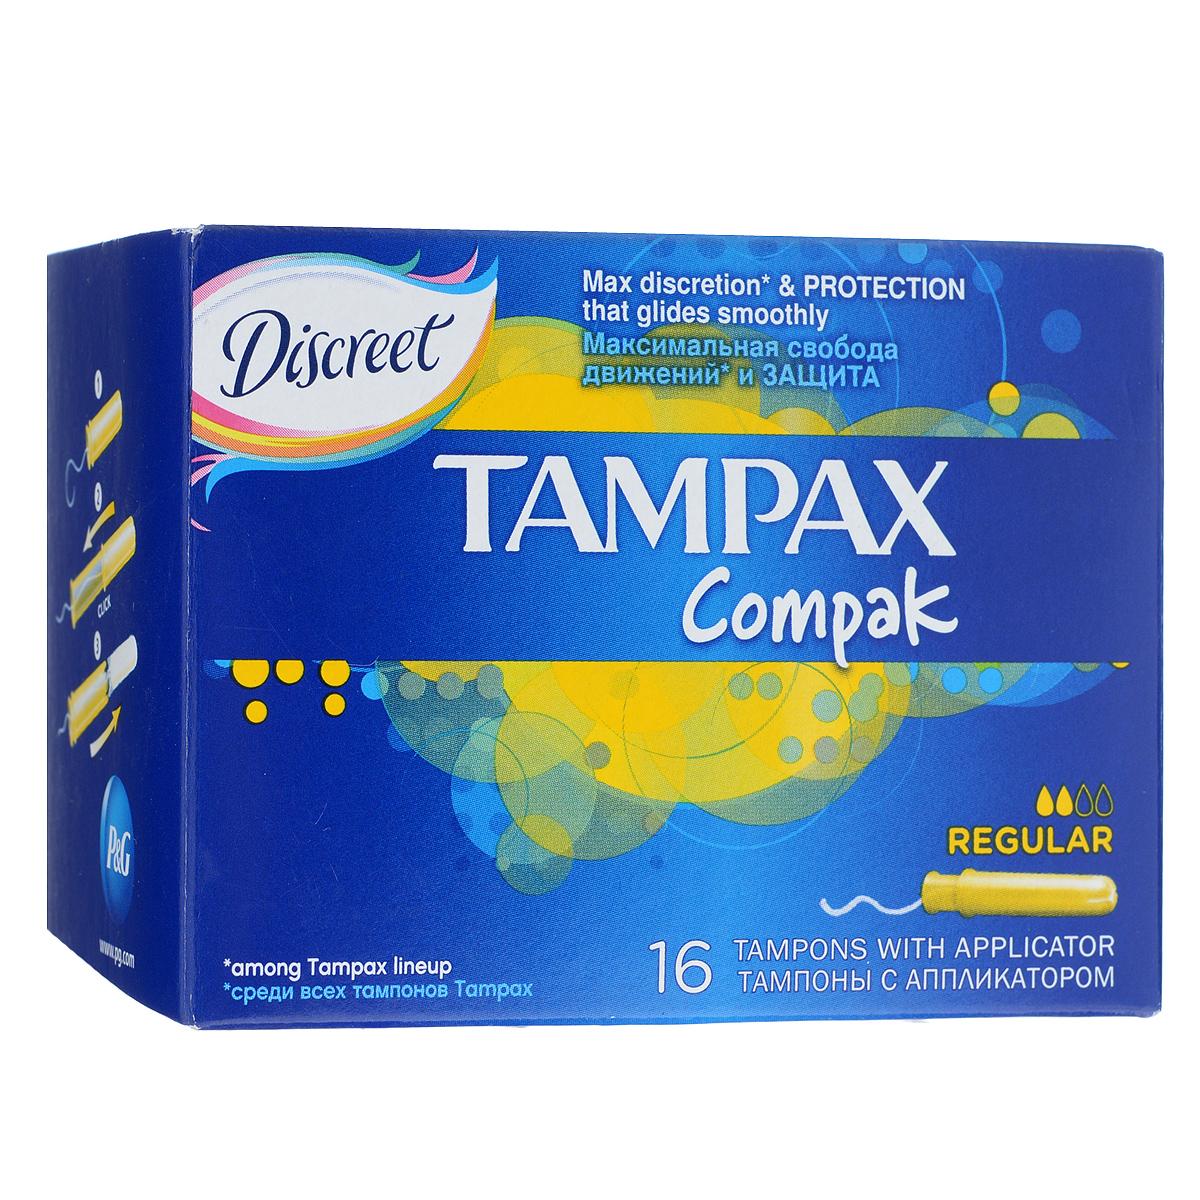 Тампоны гигиенические Tampax Compak Regular, с аппликатором, 16 шт7326Тампон - одно из самых удобных, практичных и гигиеничных средств защиты во время критических дней. Тампоны Tampax Compak Regular предназначены для скудных и умеренных выделений, снабжены цветной гладкой аппликаторной трубочкой, которая значительно облегчает введение тампона во влагалище и правильное его размещение, а также исключает прикосновение к нему руками. Тампоны для интимной гигиены женщин Tampax изготавливаются из смеси специально обработанного, отбеленного хлопкового волокна и вискозы, которая спрессовывается в цилиндрик. Каждый тампон упакован в индивидуальную упаковку. Все материалы, используемые в производстве женских гигиенических тампонов Tampax, безопасны для здоровья женщины, натуральны, хорошо утилизируются, не нанося вред окружающей среде. Сырье и готовая продукция подвергаются бактериологическому контролю в лаборатории страны-производителя.Впитываемость: 6-9 г.Товар сертифицирован.